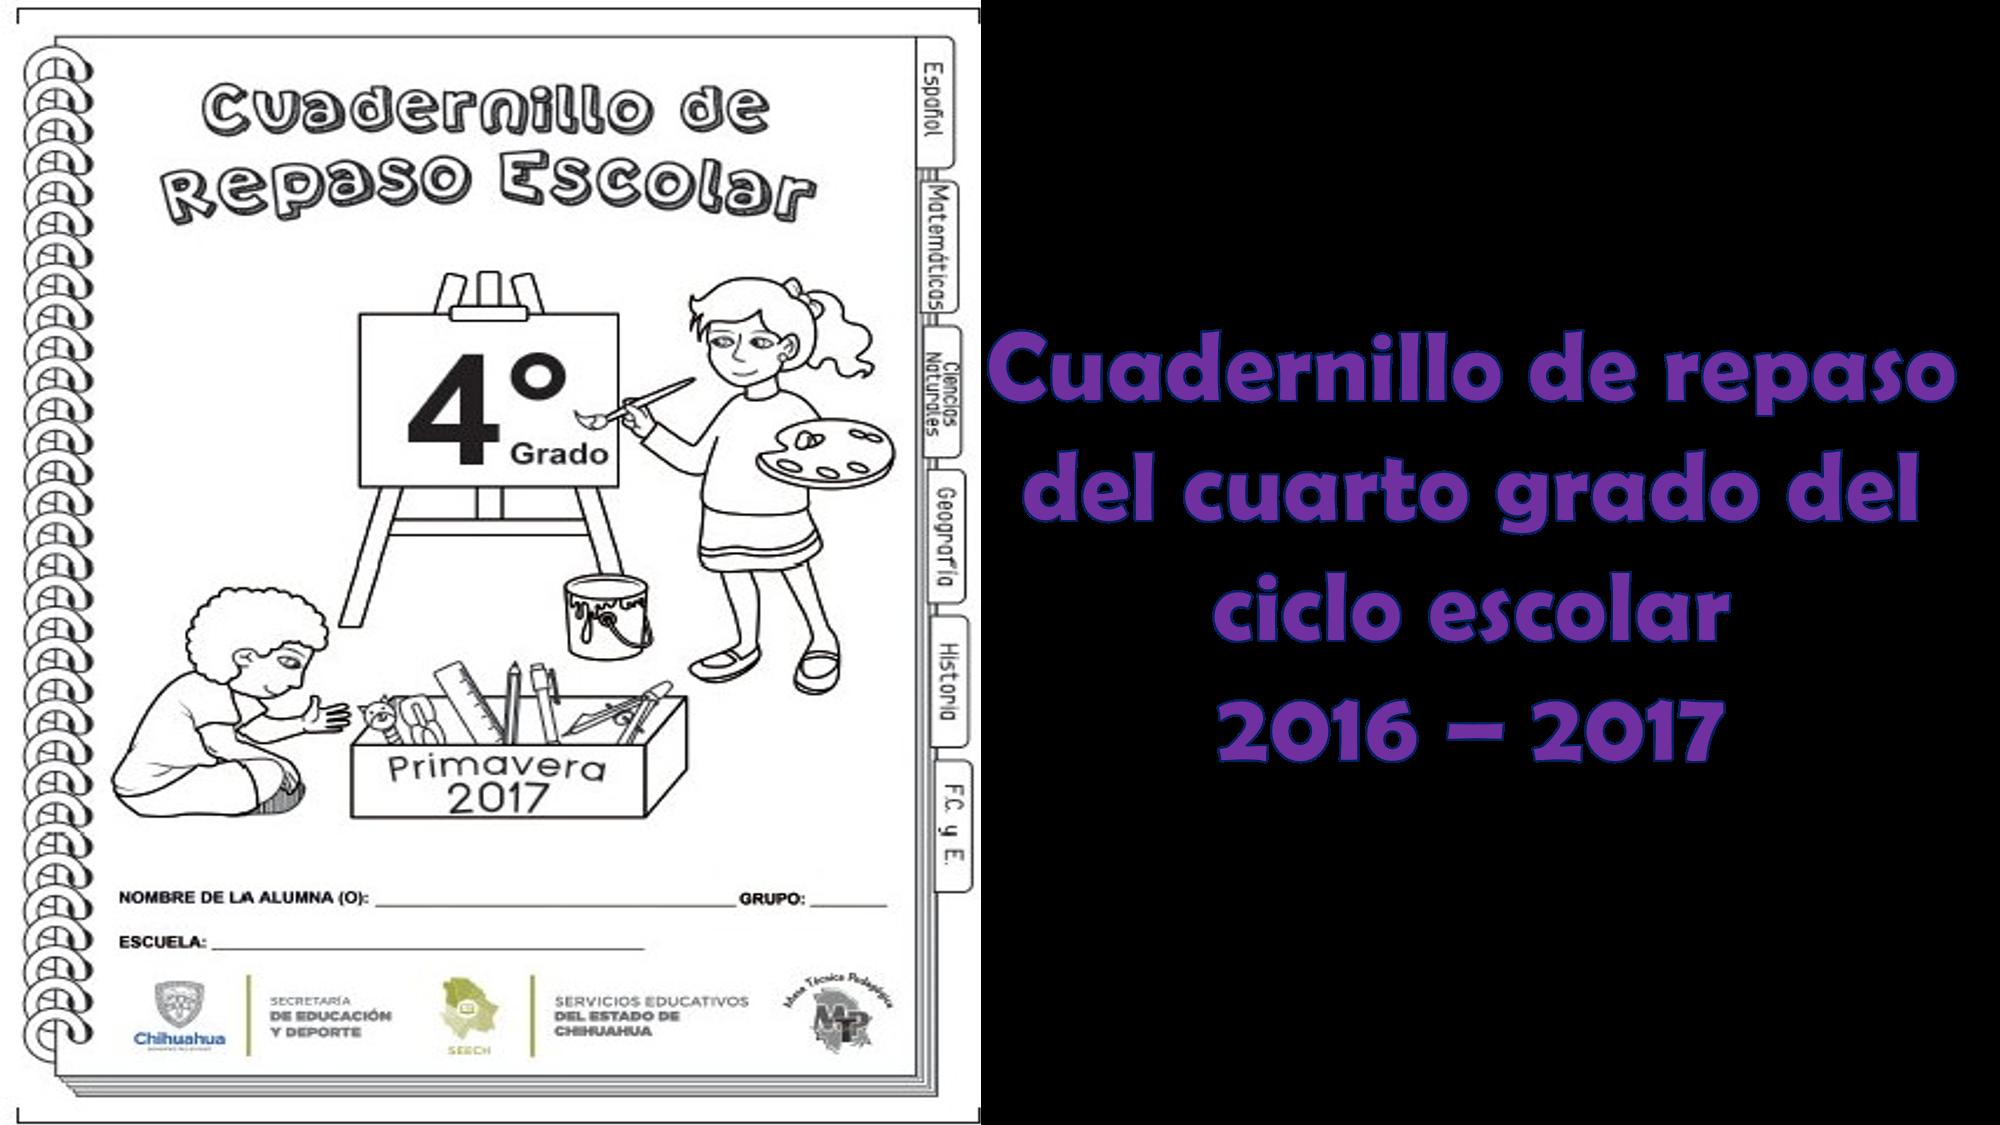 Cuadernillo de repaso del cuarto grado del ciclo escolar 2016 – 2017 ...